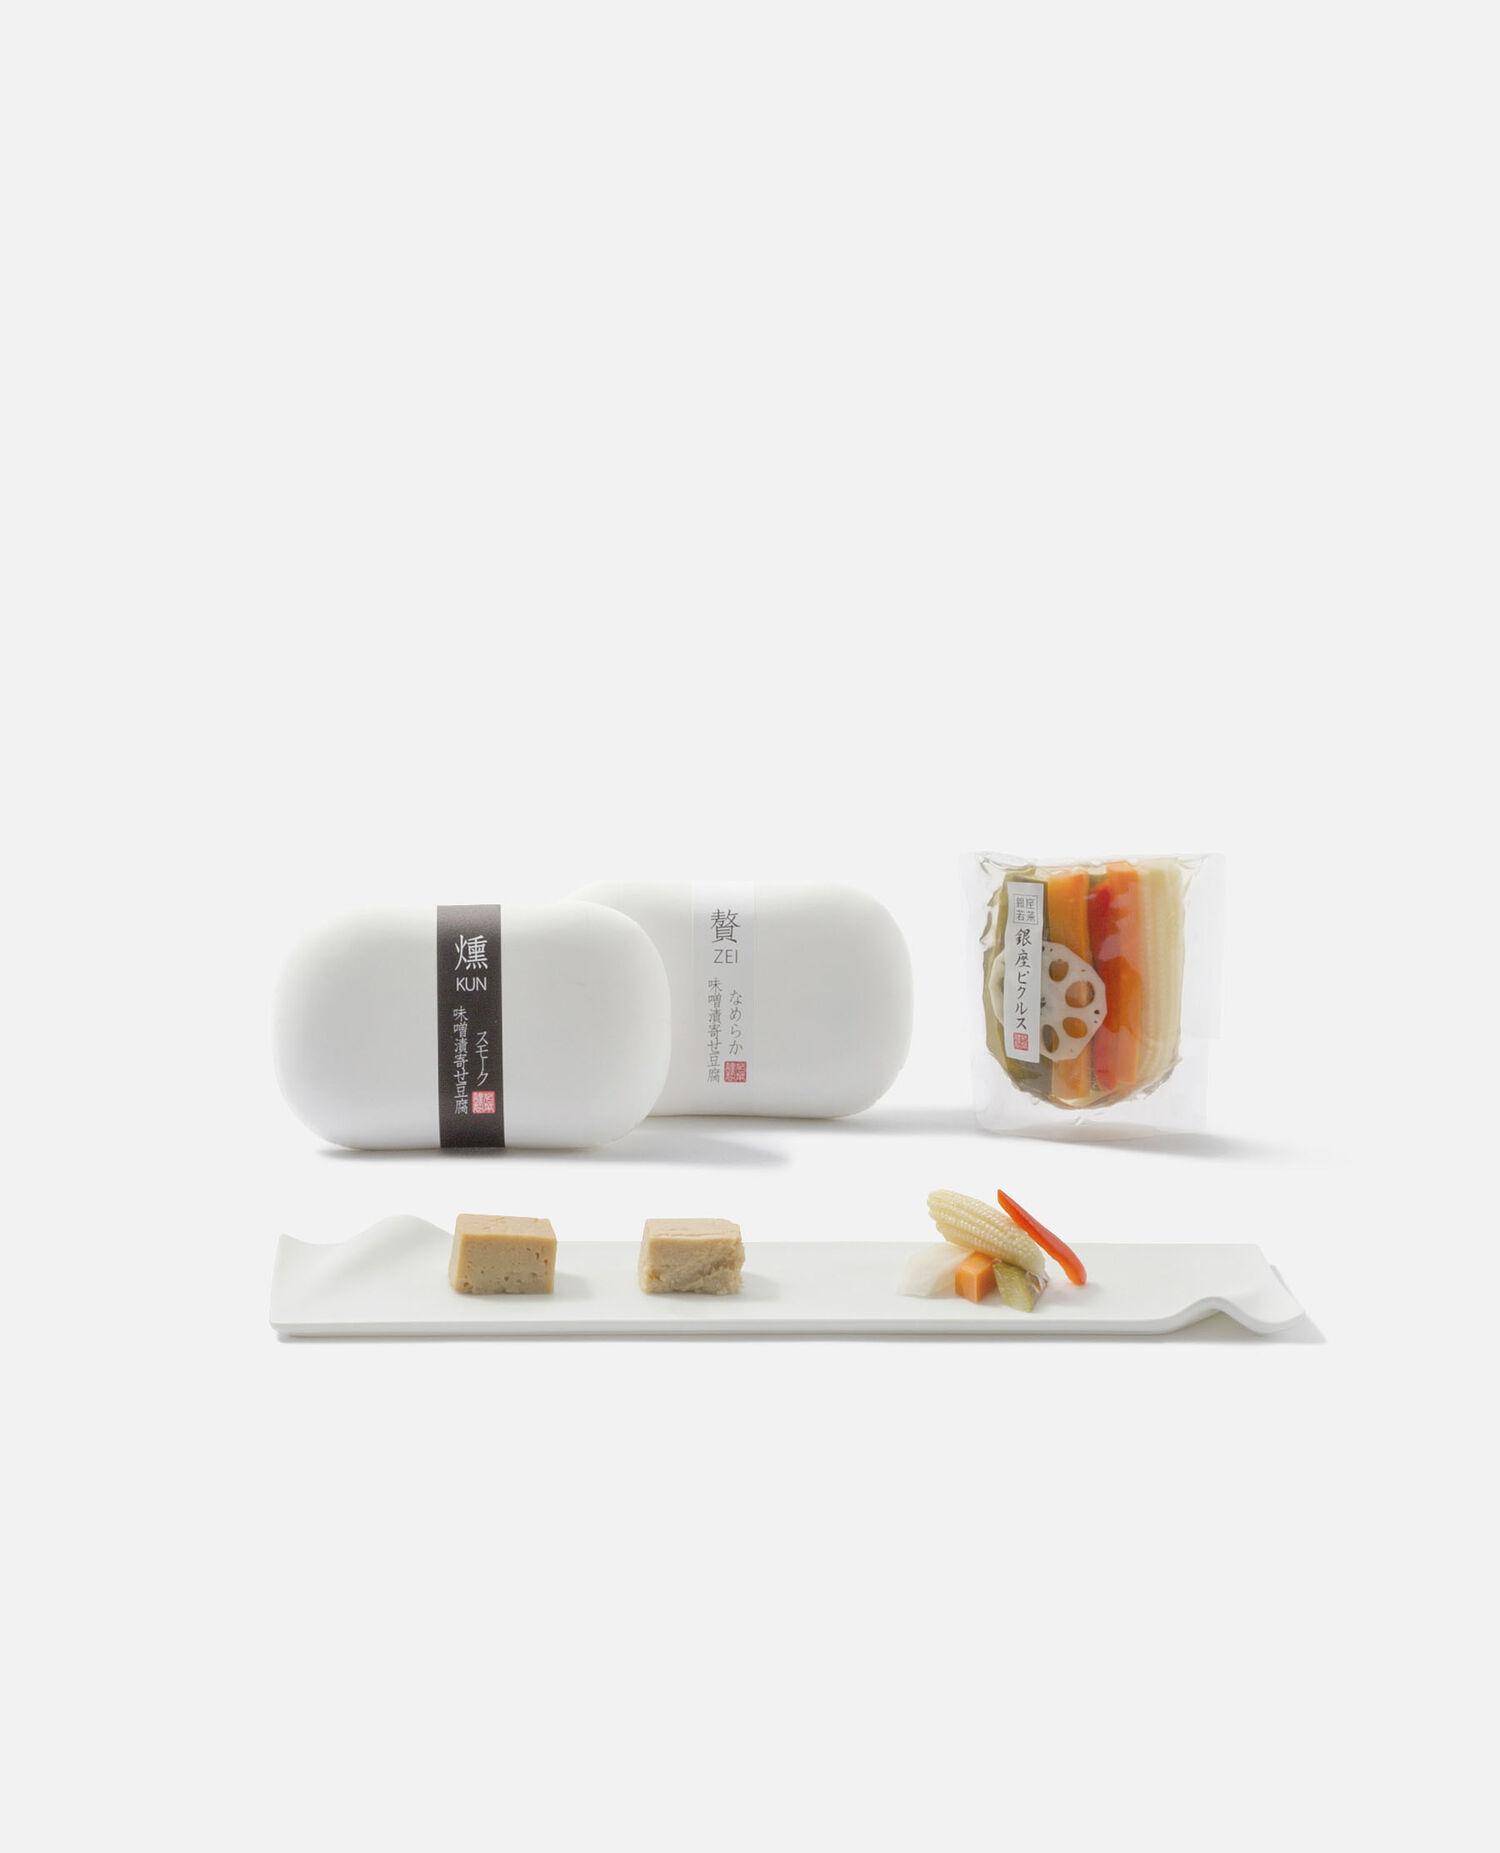 味噌漬け寄せ豆腐とヘルシーおつまみセット